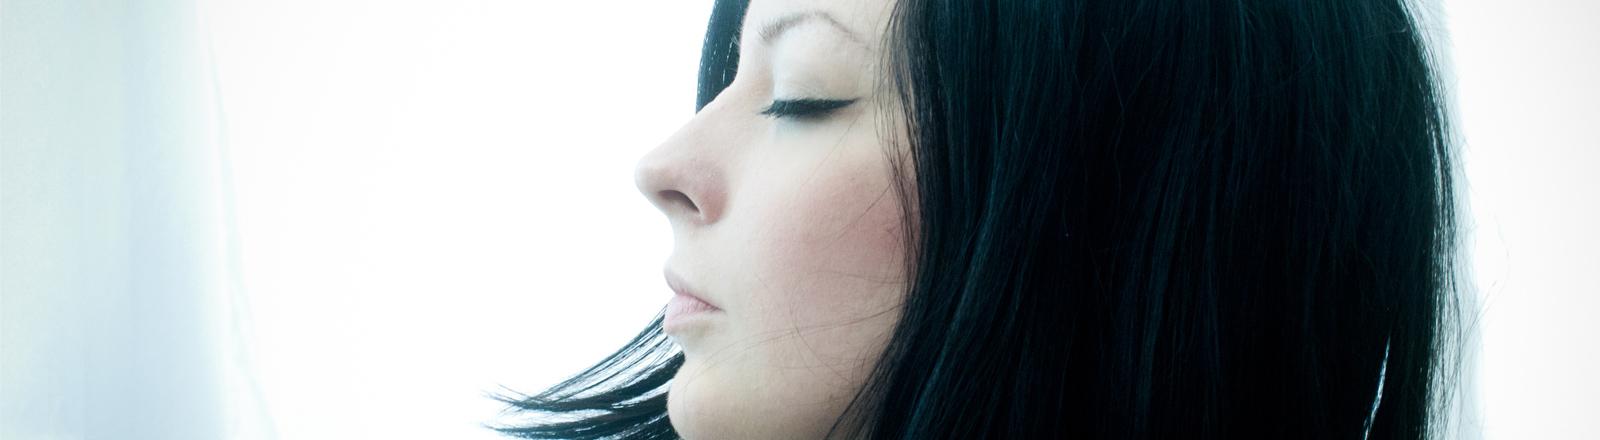 Eine Frau hat die Augen geschlossen.